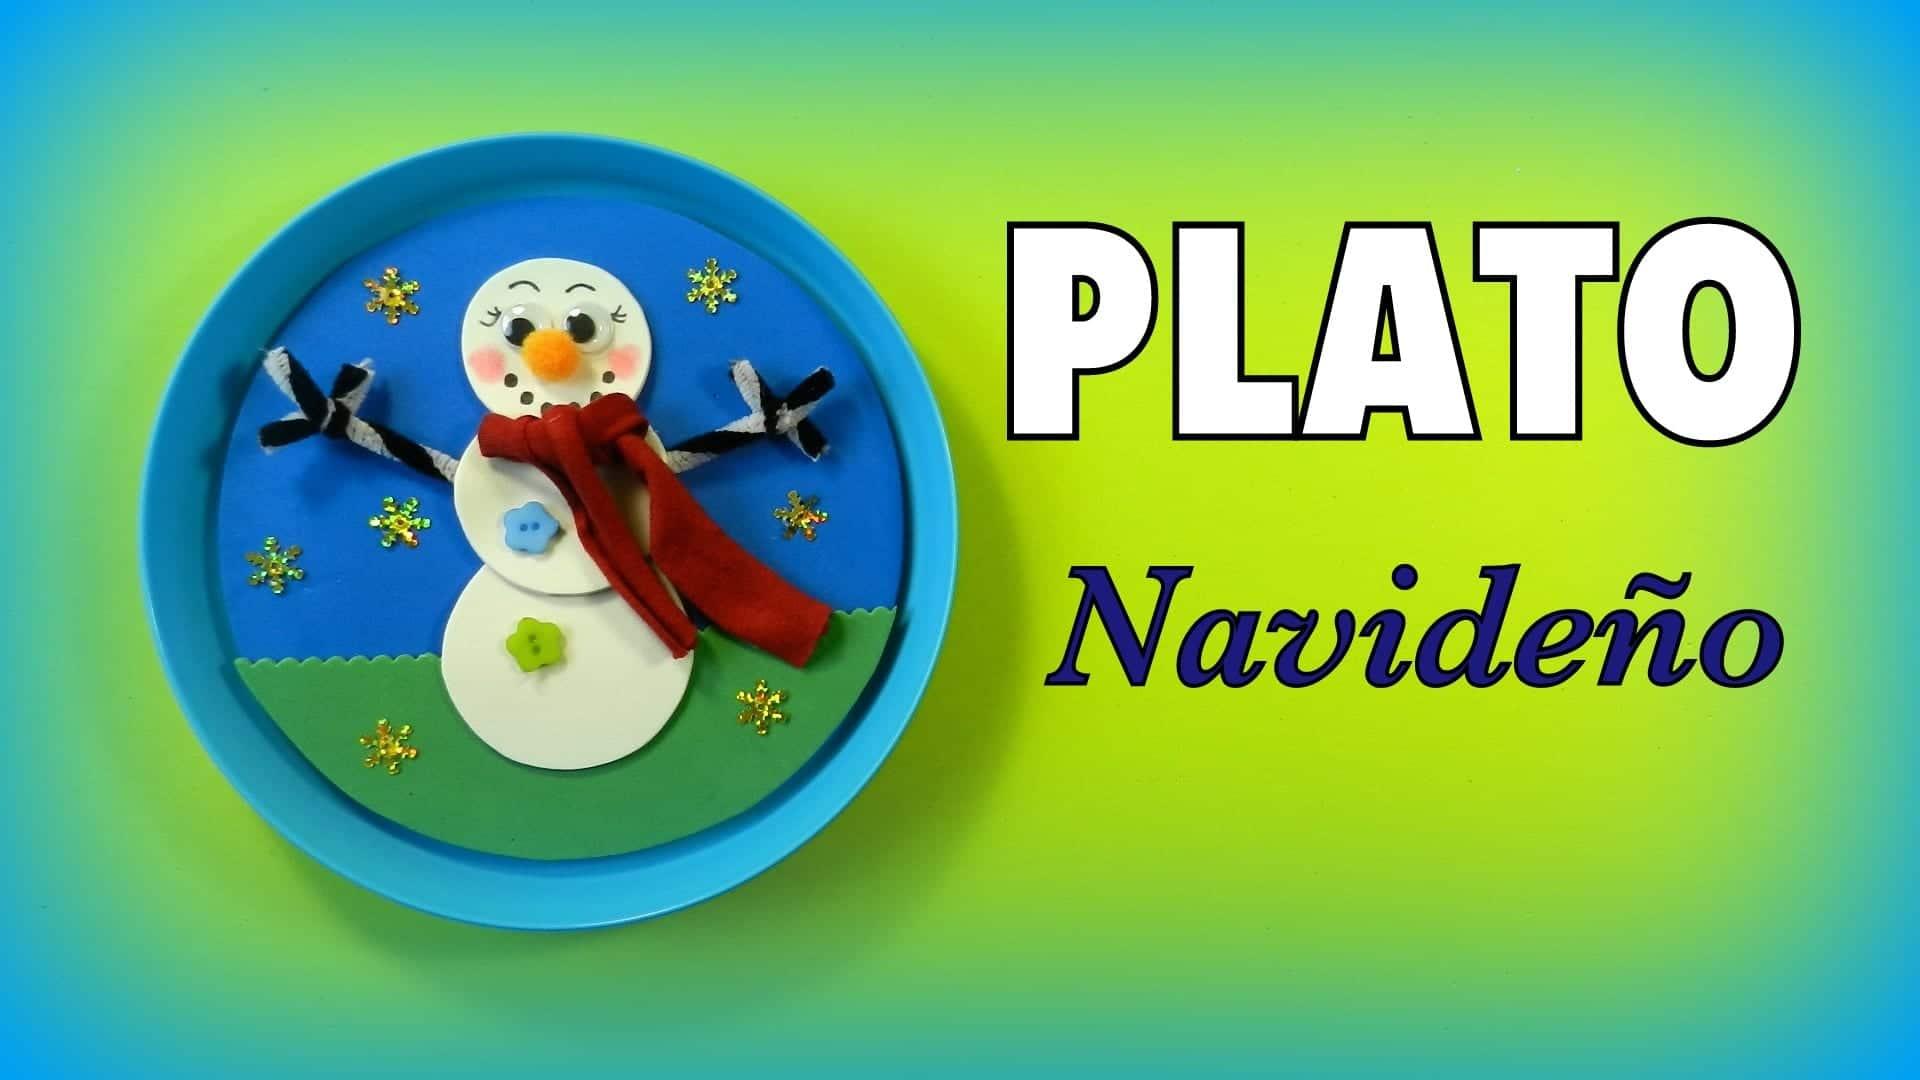 plato-naviden%cc%83o-mun%cc%83eco-de-nieve-donlumusical